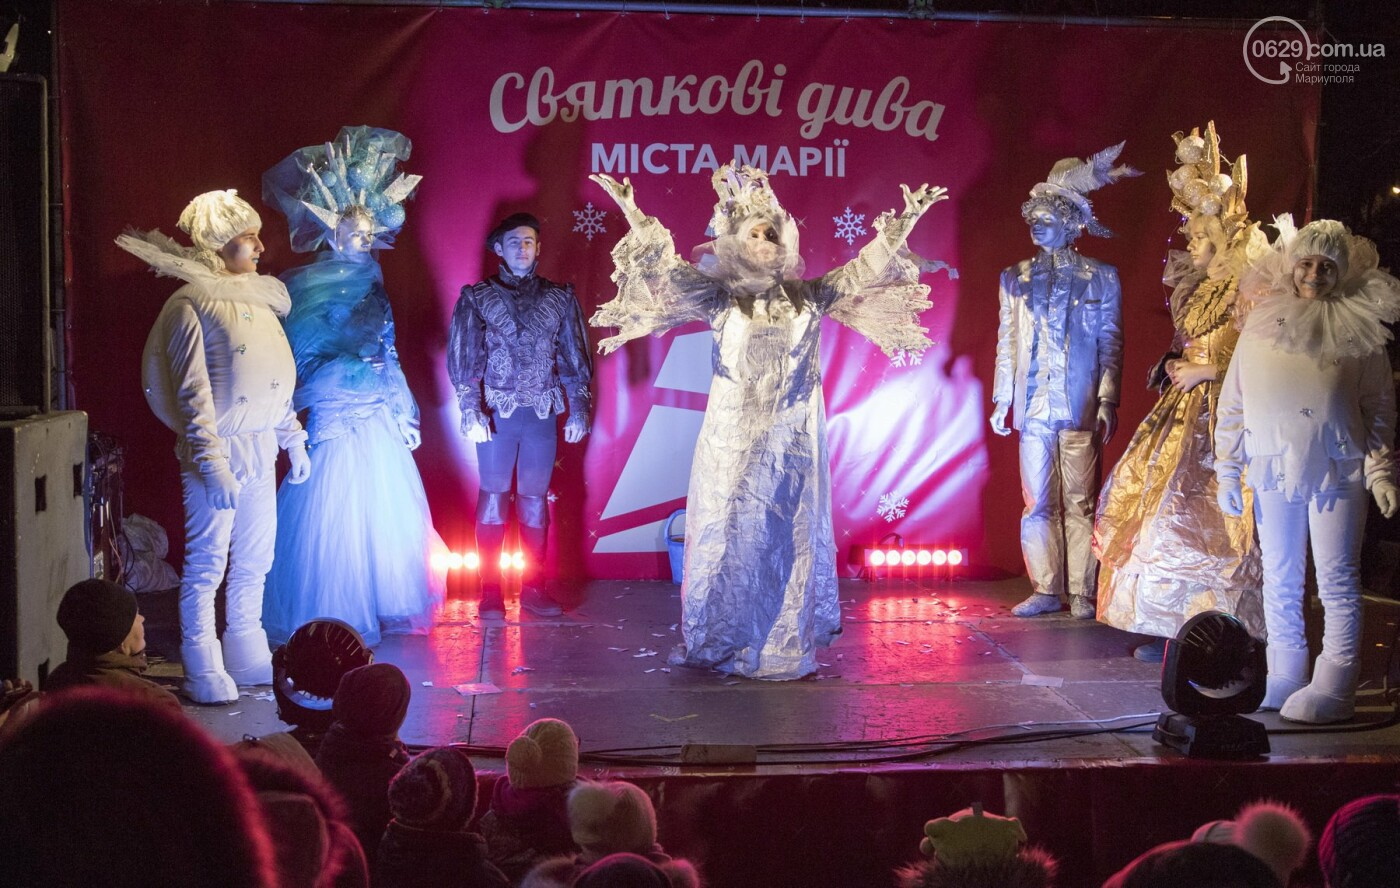 Как в Мариуполь с новогодними праздниками пришла Европа,  - ФОТО, ВИДЕО, фото-3